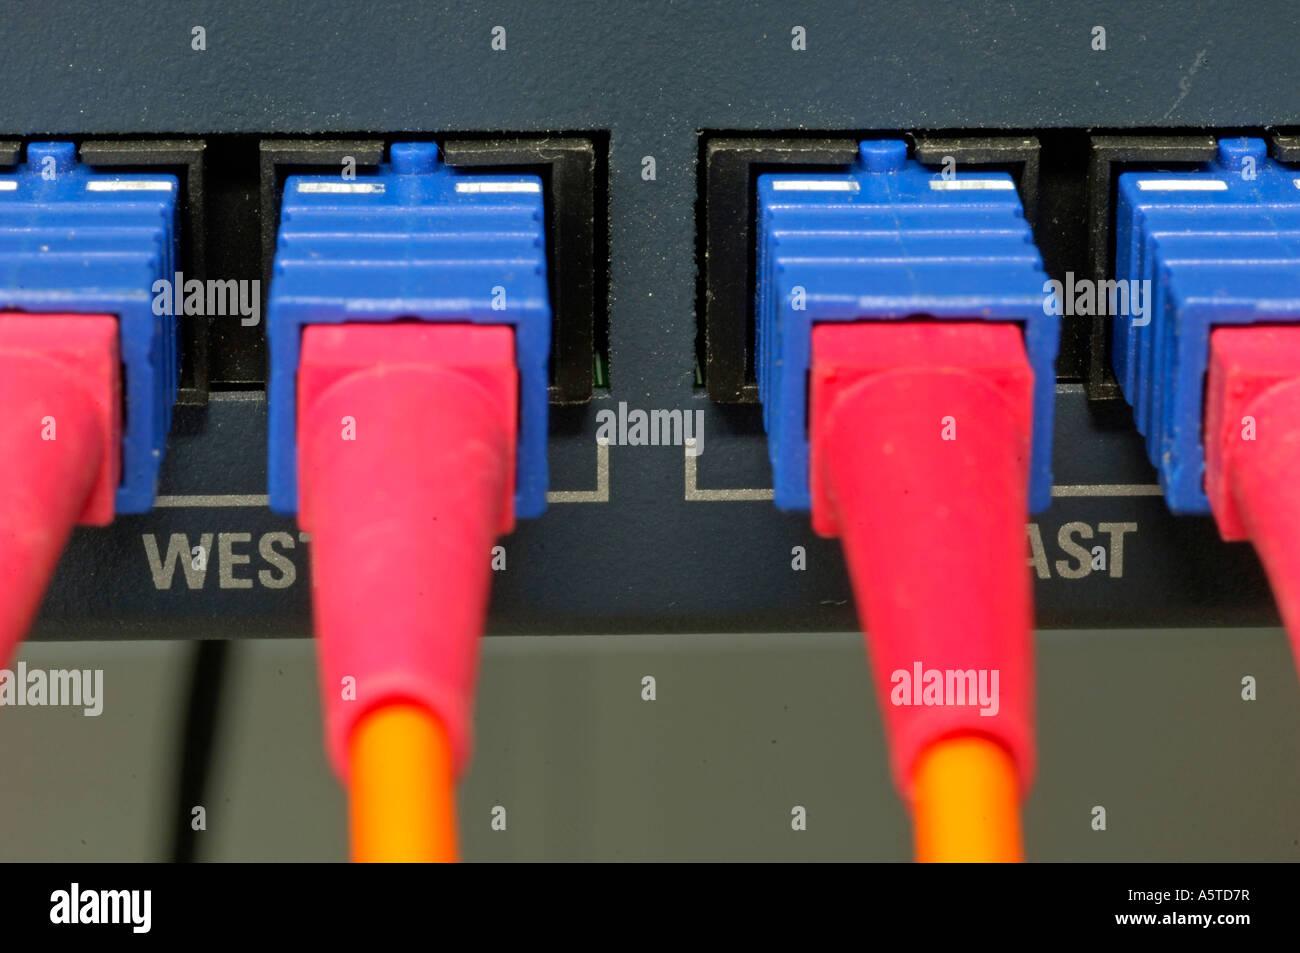 Kabel, Leitungen, Connestion, Stecker, Stecker, Server, Computer, Computer-Stecker, Server-Stecker, Computer-Stecker, Stockbild